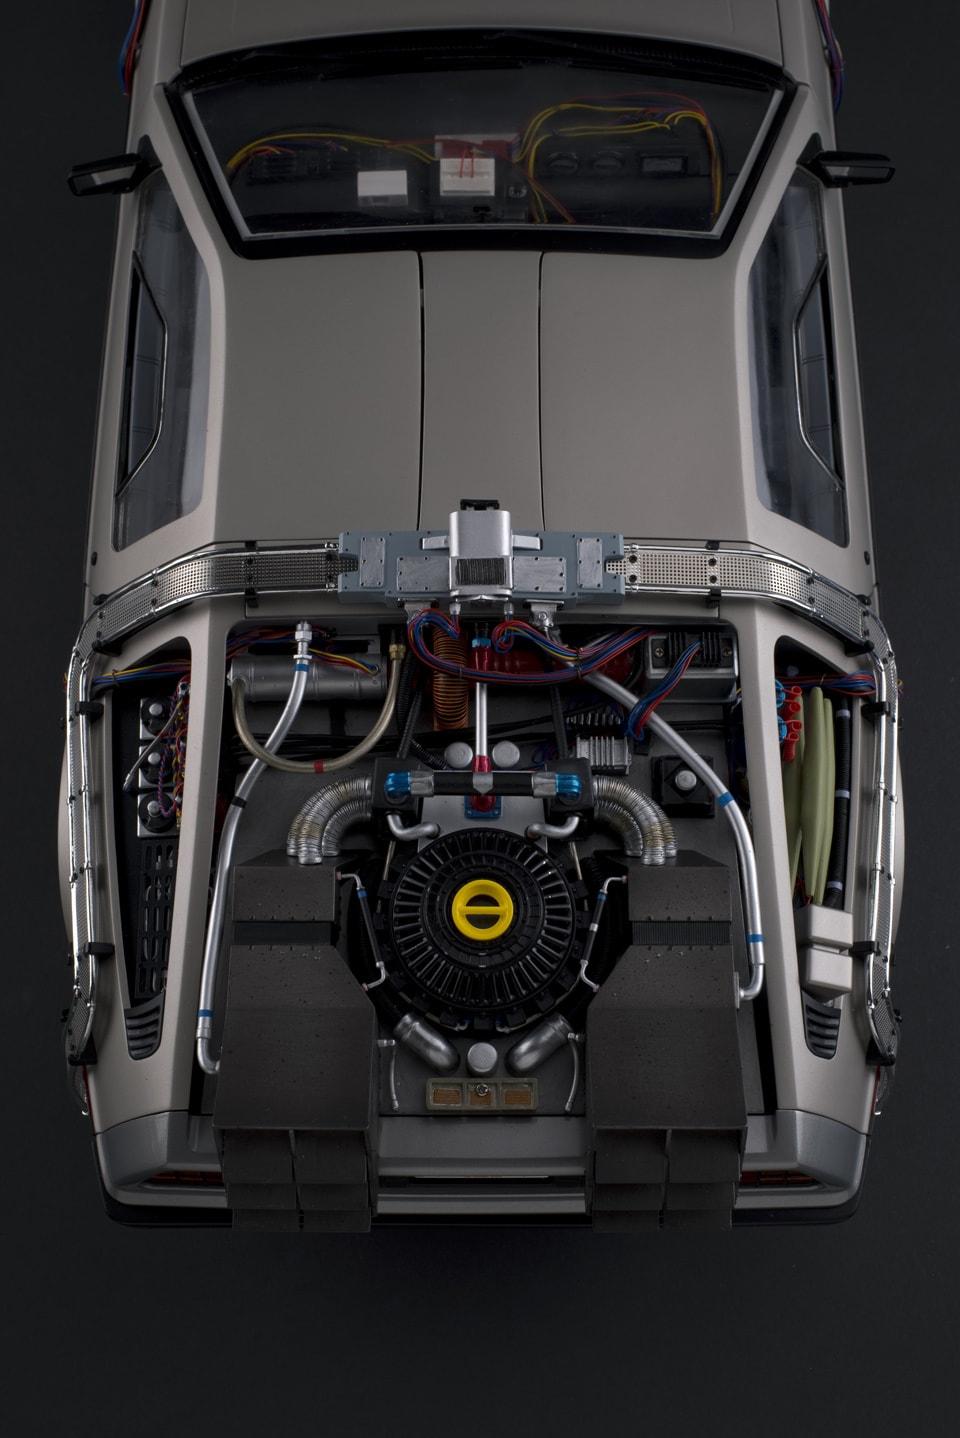 1:8 Scale Back To The Future DMC DeLorean